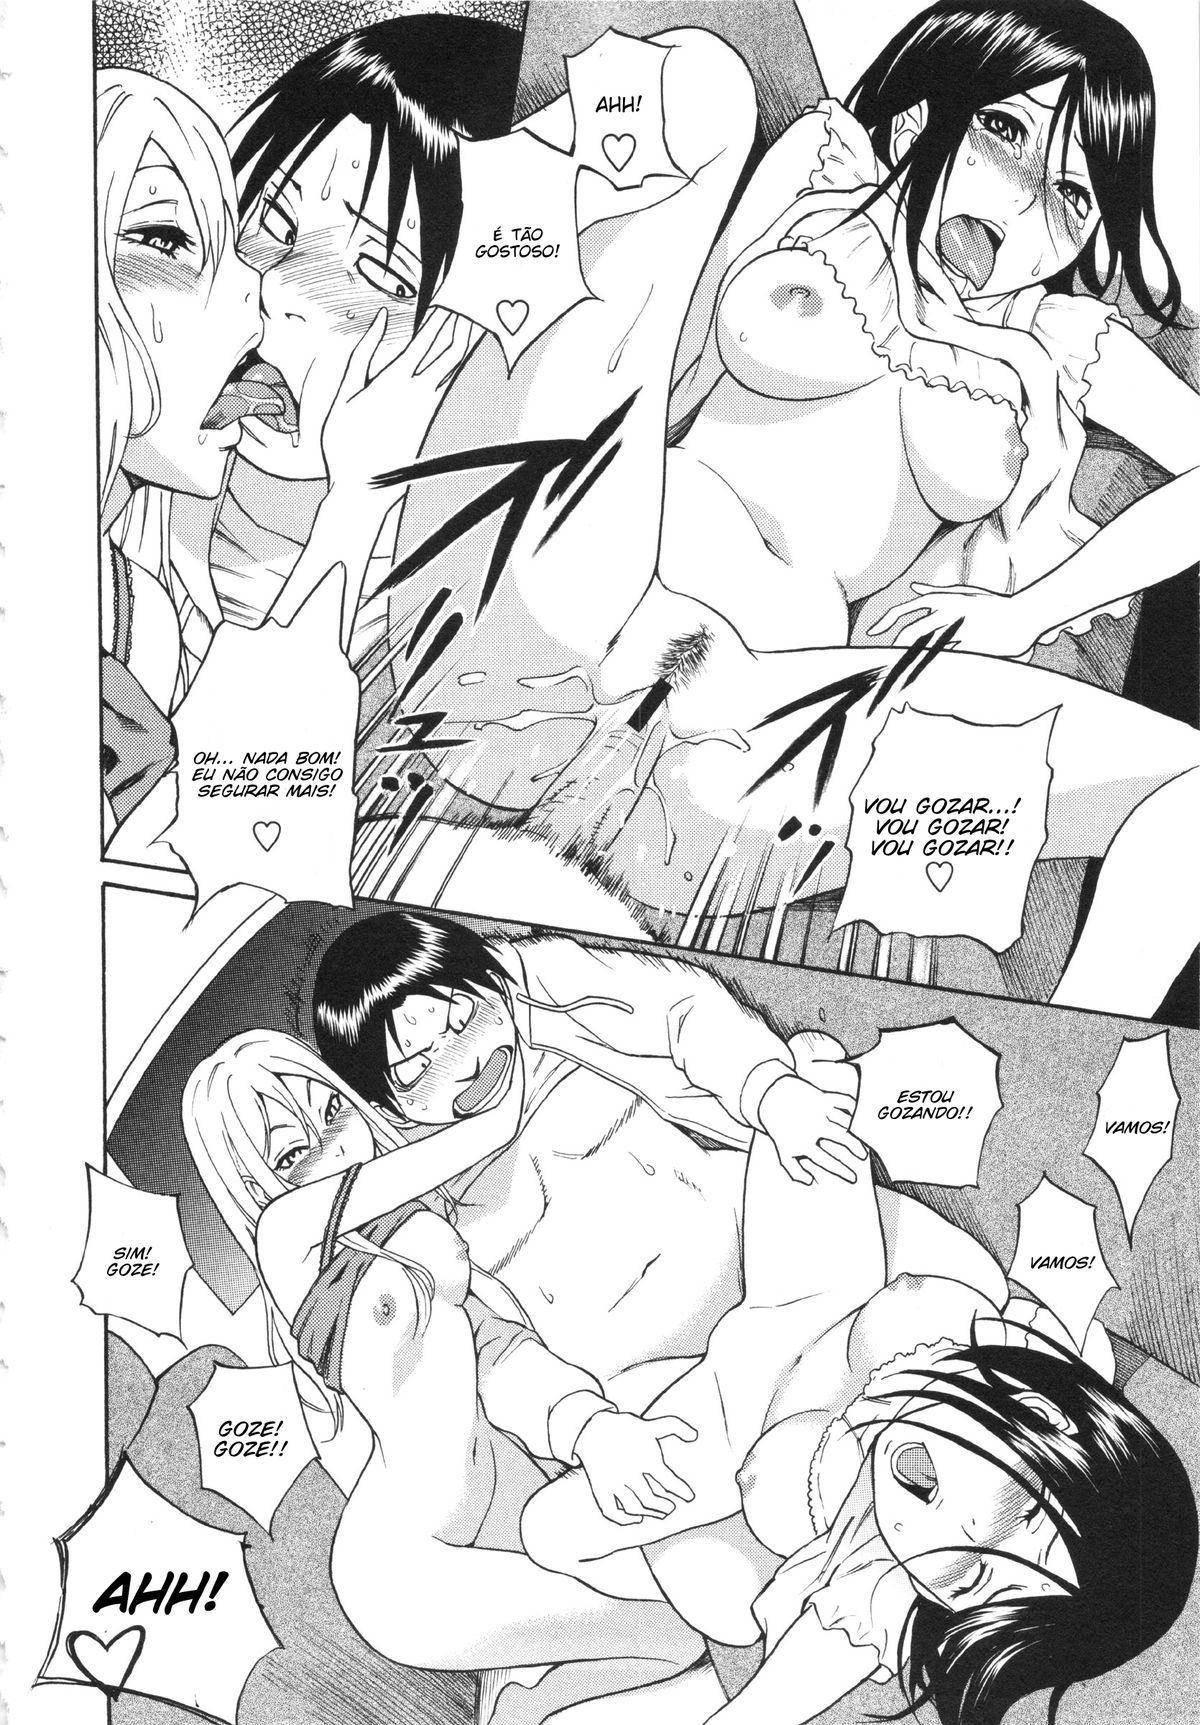 Garotas-na-locadora-pornô-14